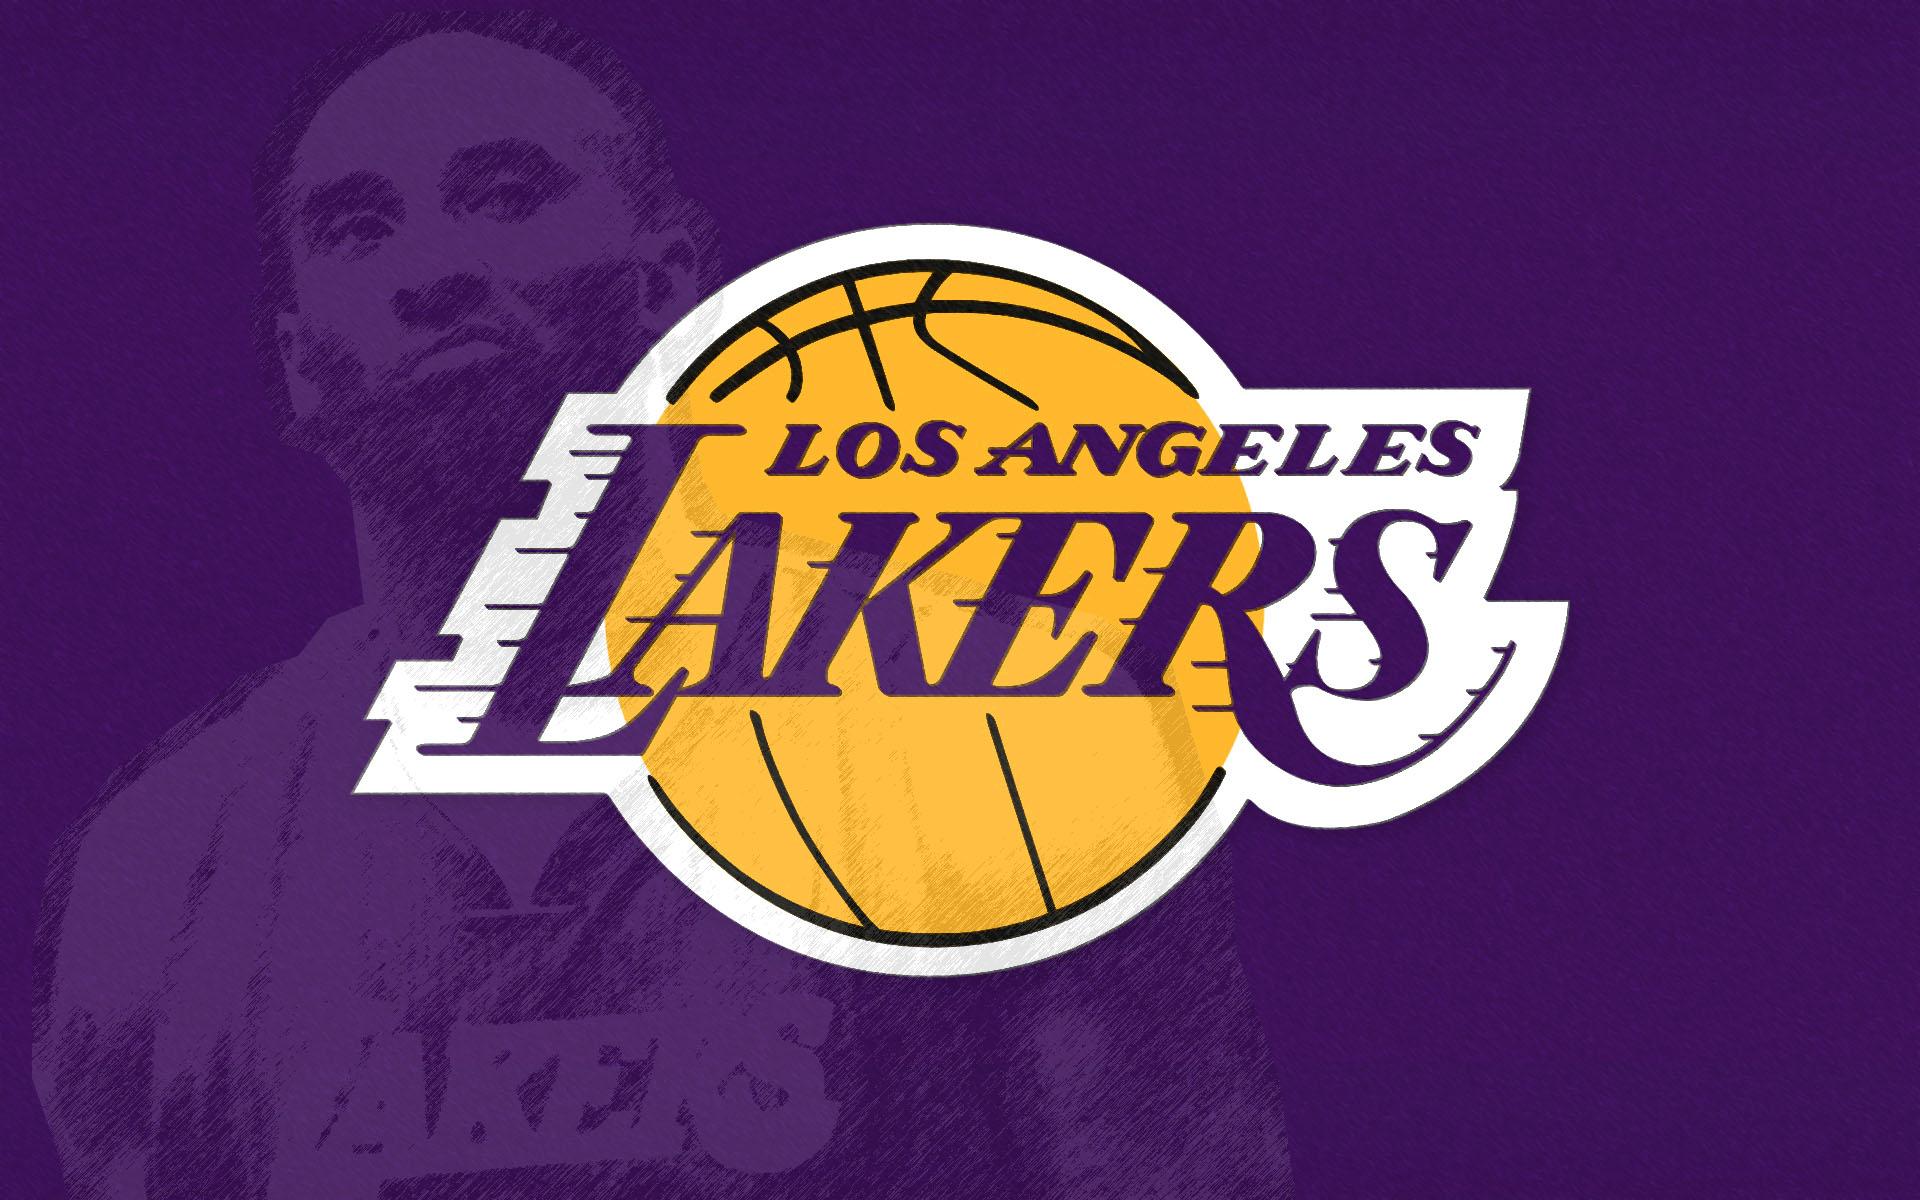 Los Angeles Lakers - Kobe Bryant